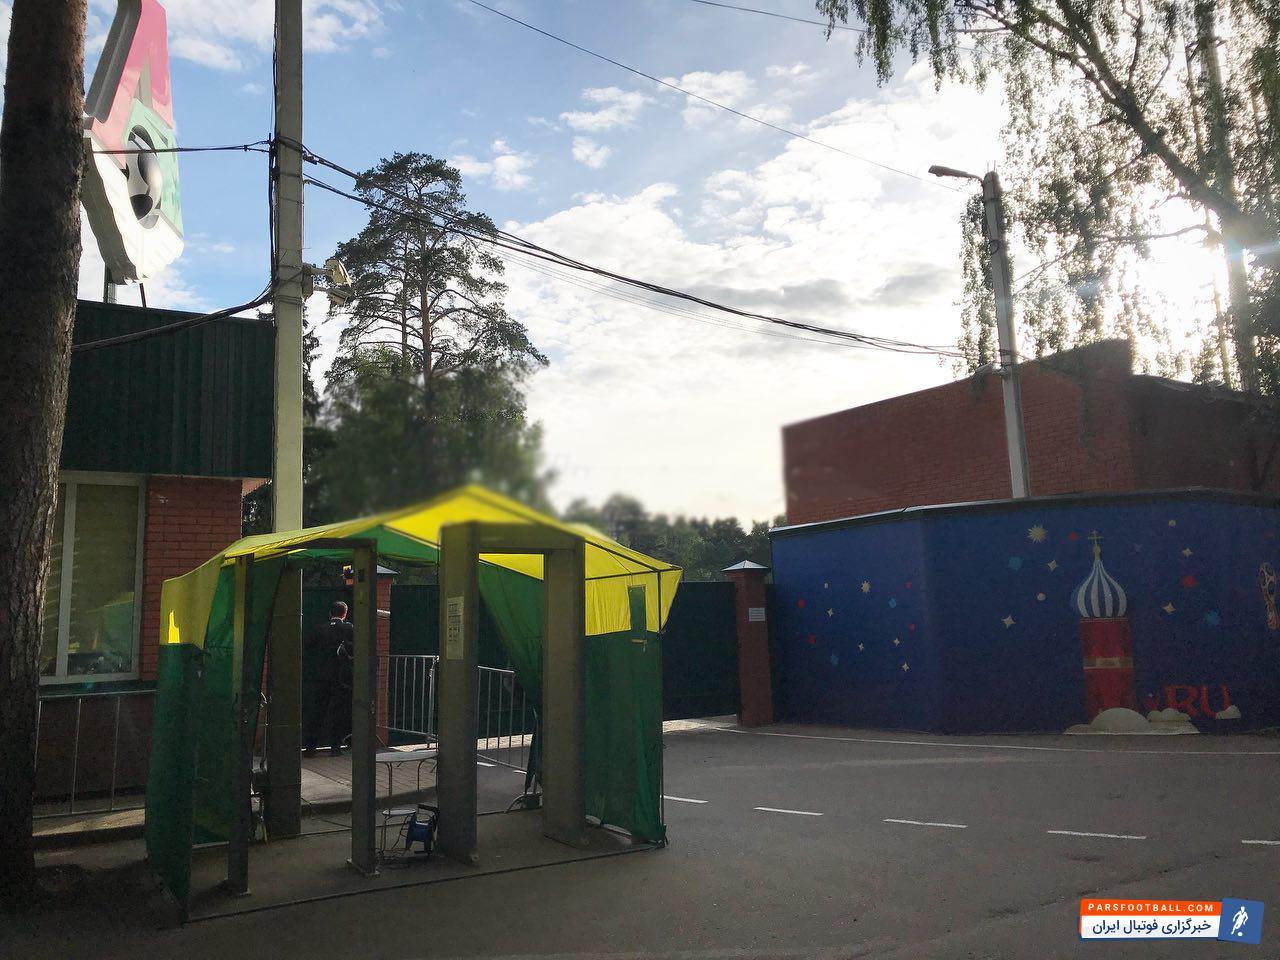 تیم ملی ؛ کنترل عبور و مرور افراد در کمپ تمرینی تیم ملی فوتبال ایران